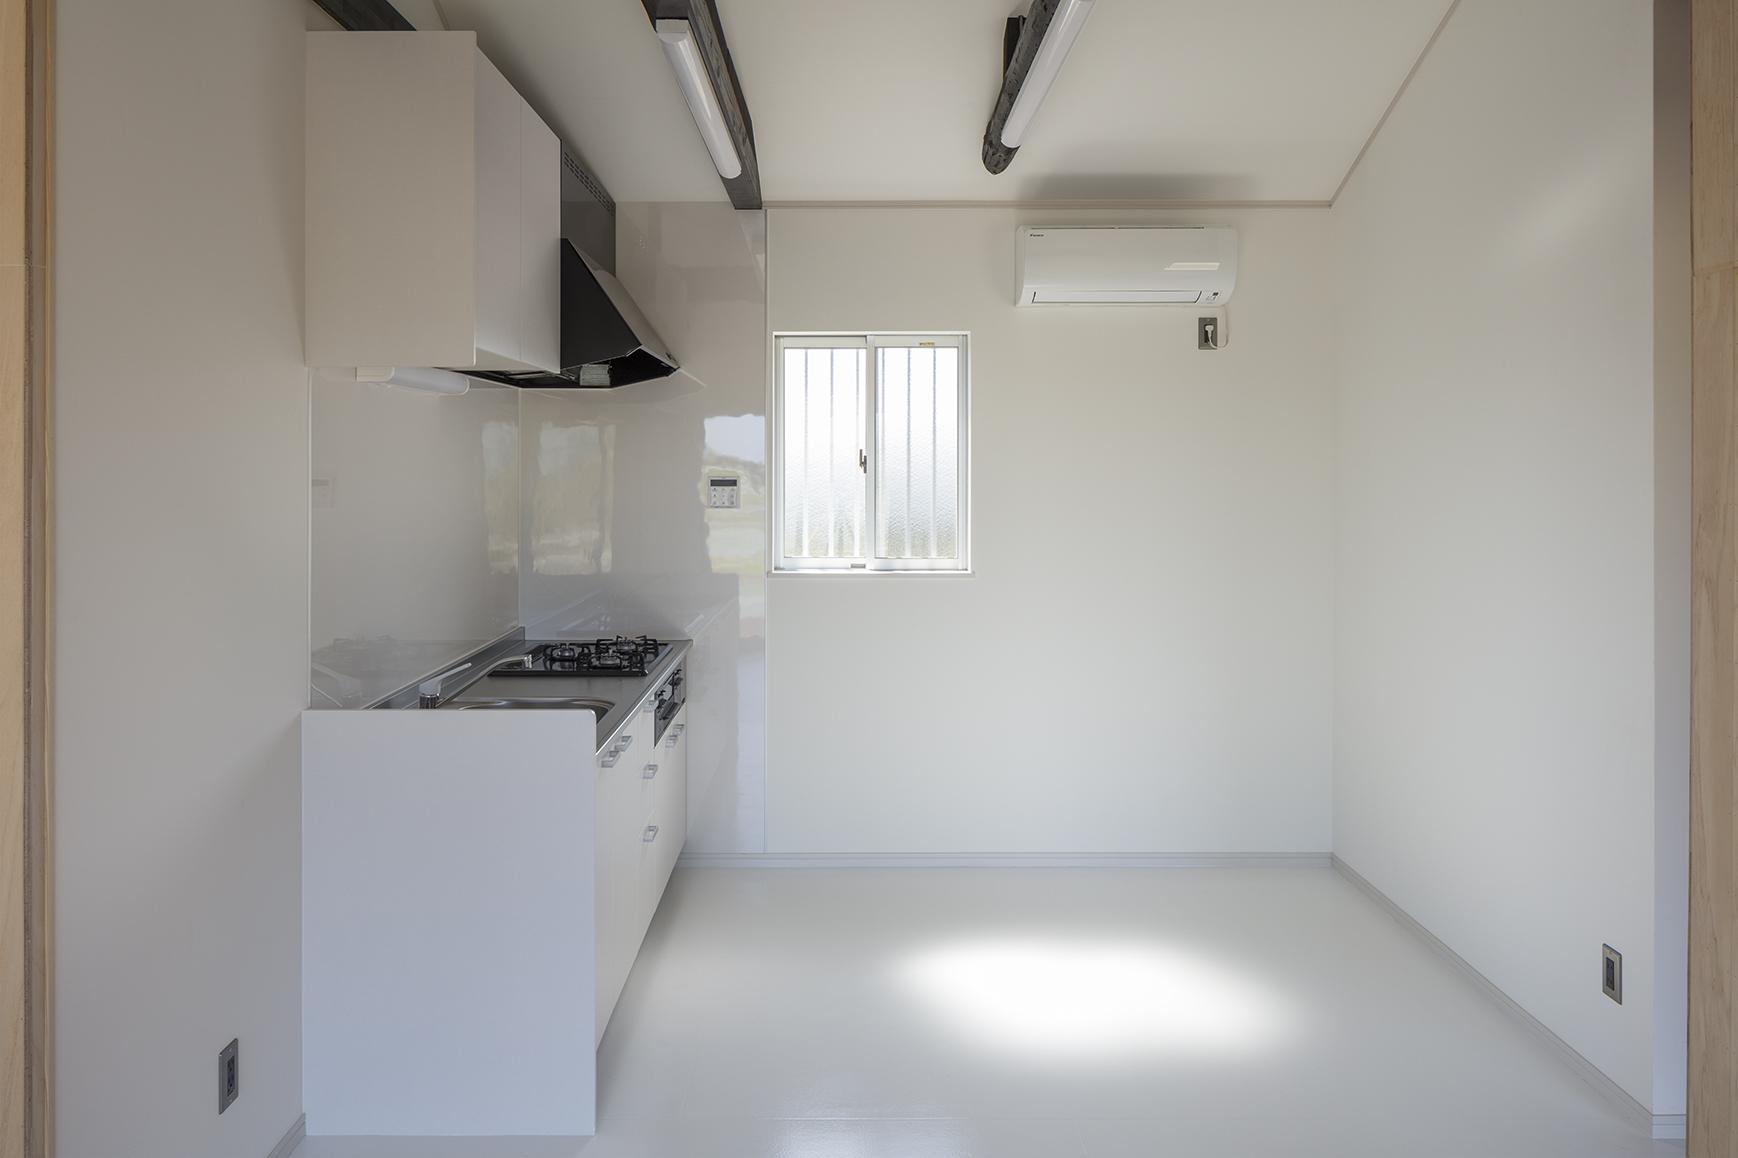 018_木更津の小さな家3